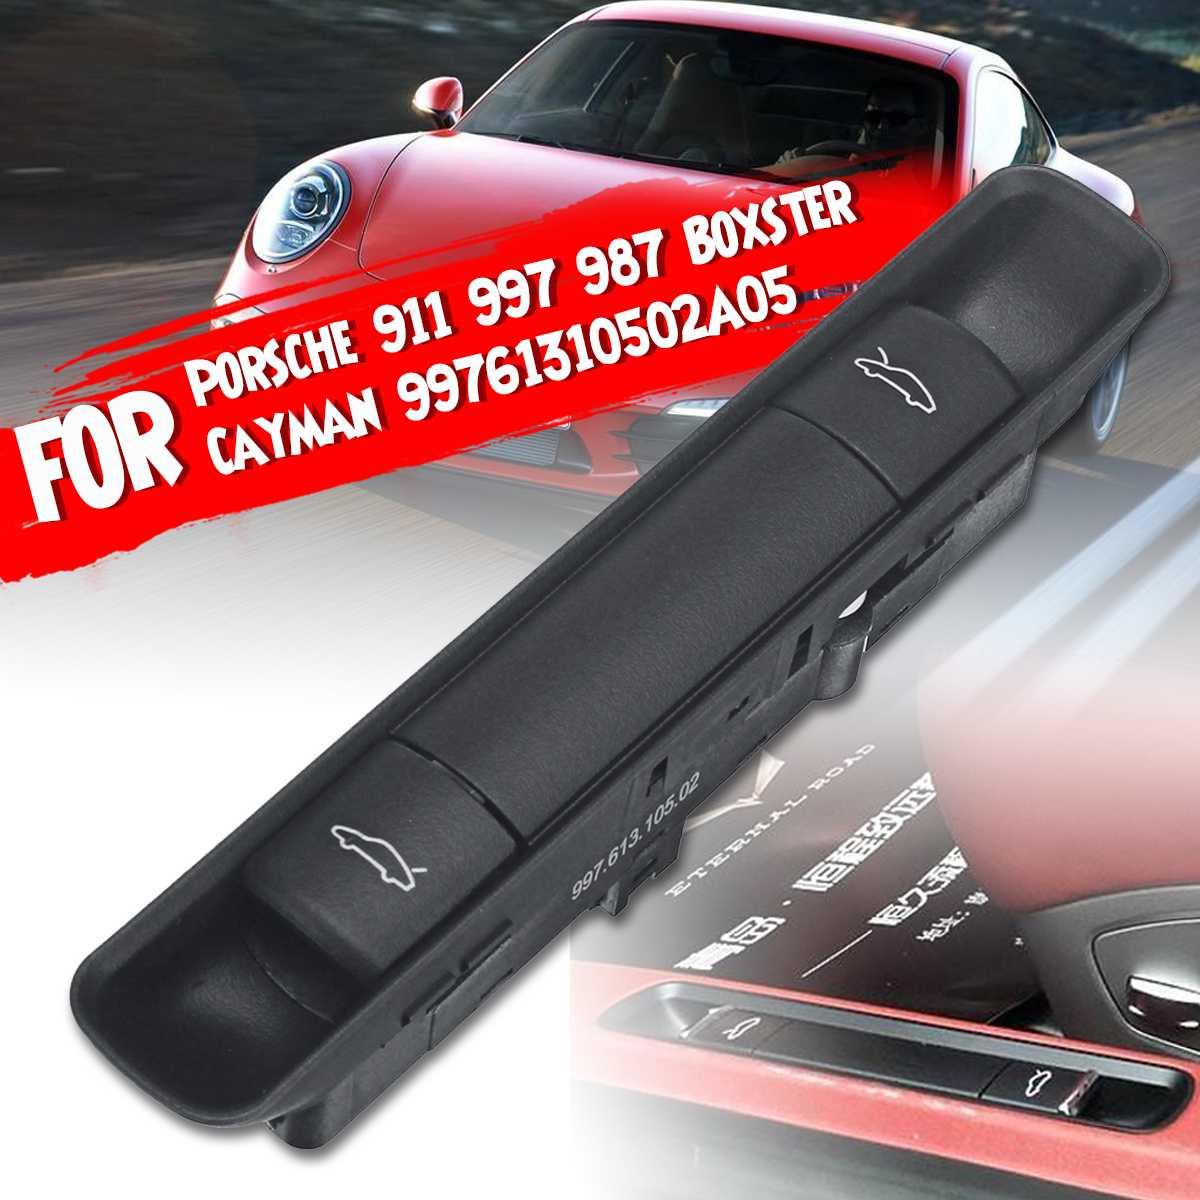 AP03 Per Porsche 987 Boxster Cayman 997 cofano anteriore e posteriore copertura di avvio interruttore di uscita